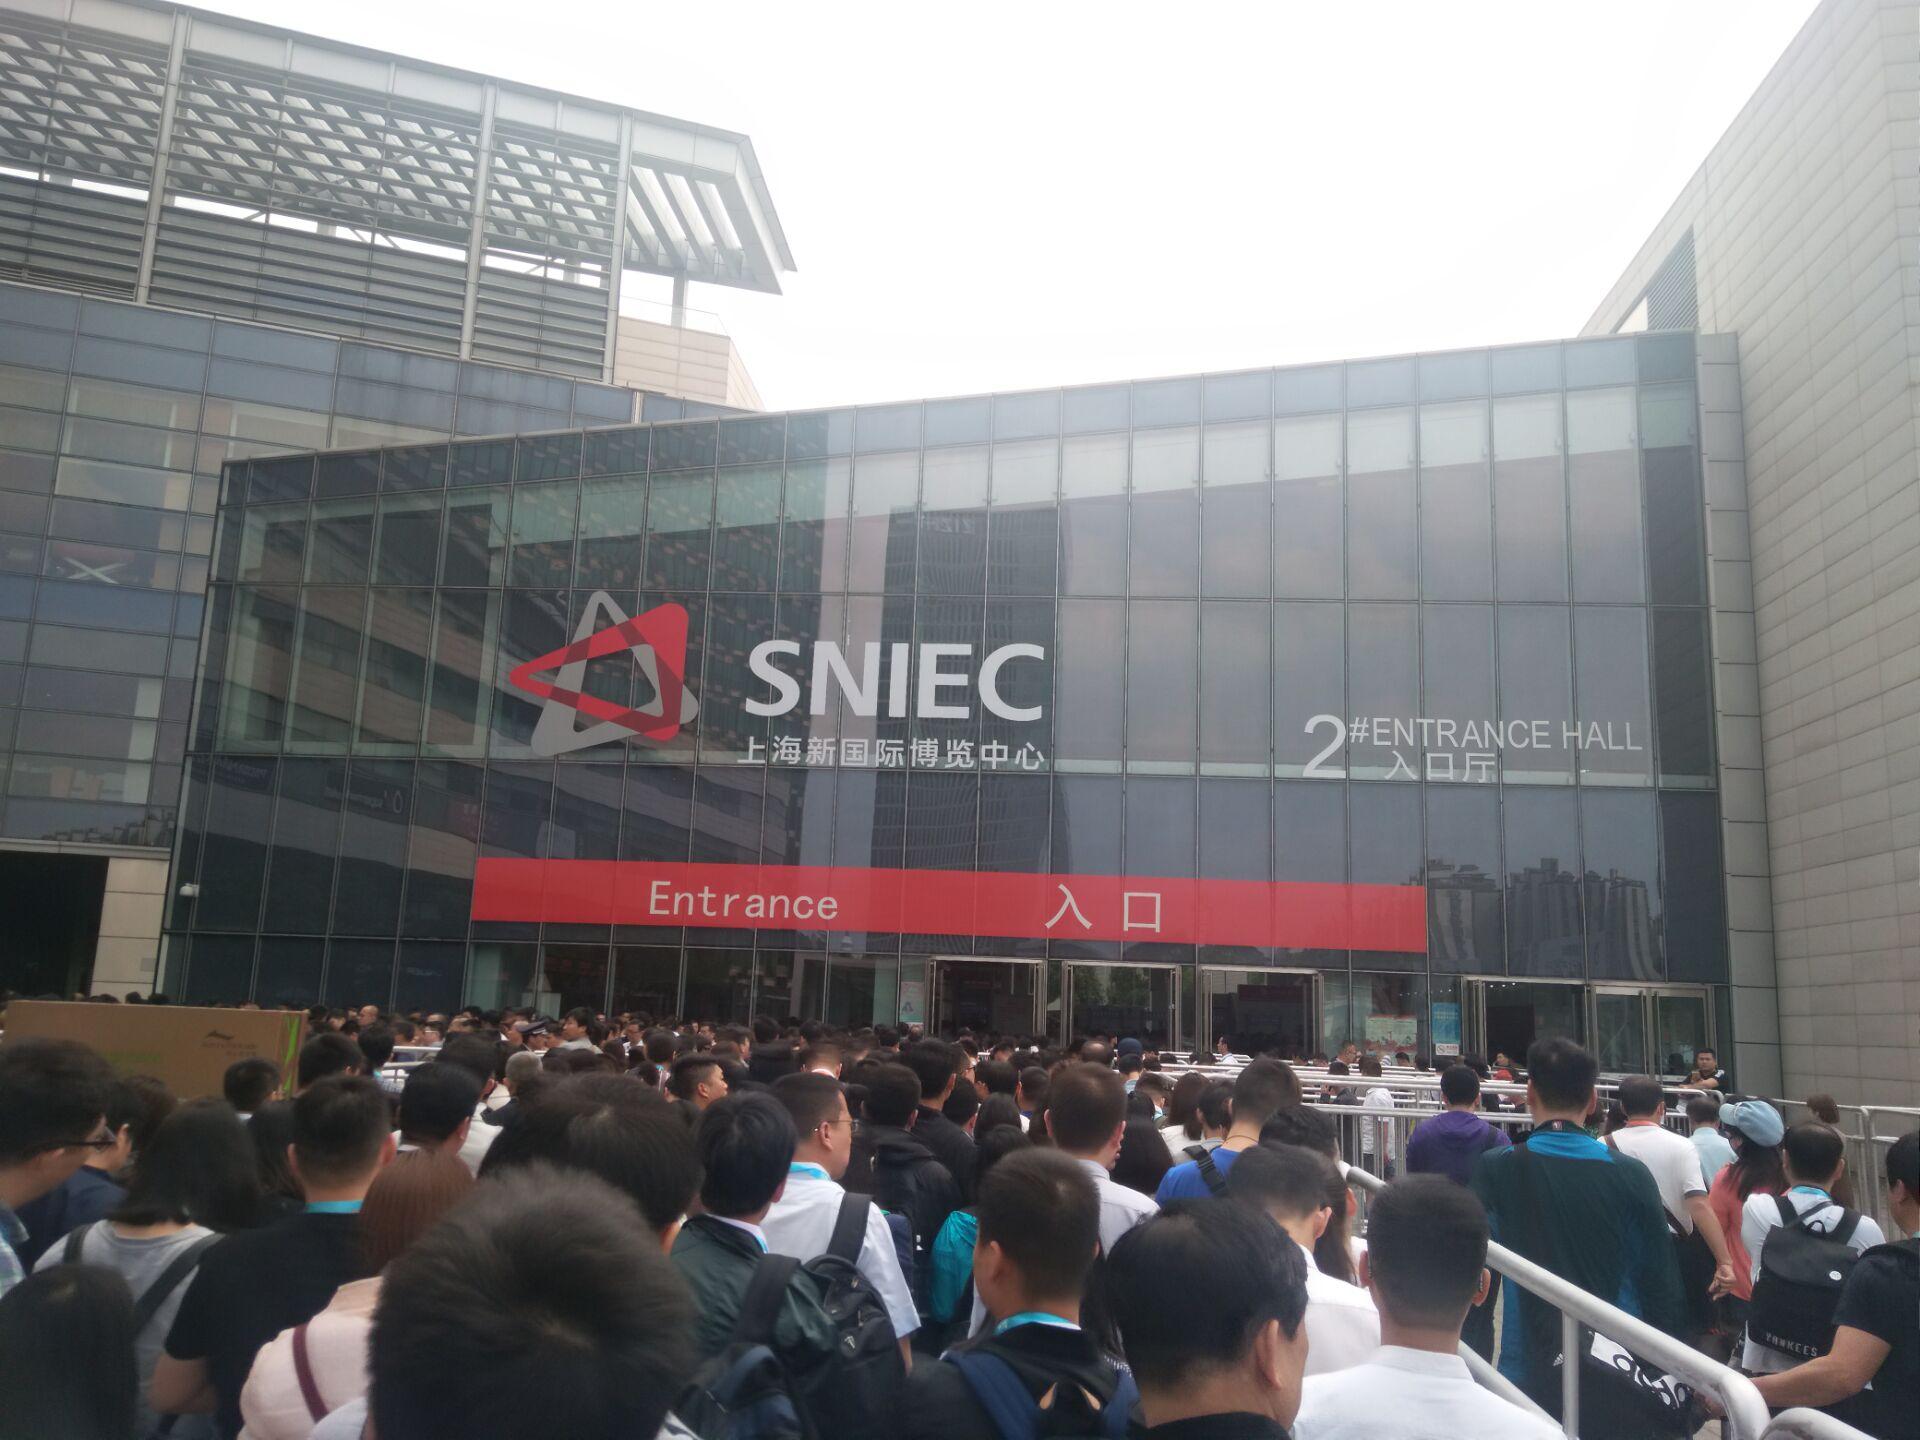 走进2018中国上海国际烘焙展览会 直击展会风采